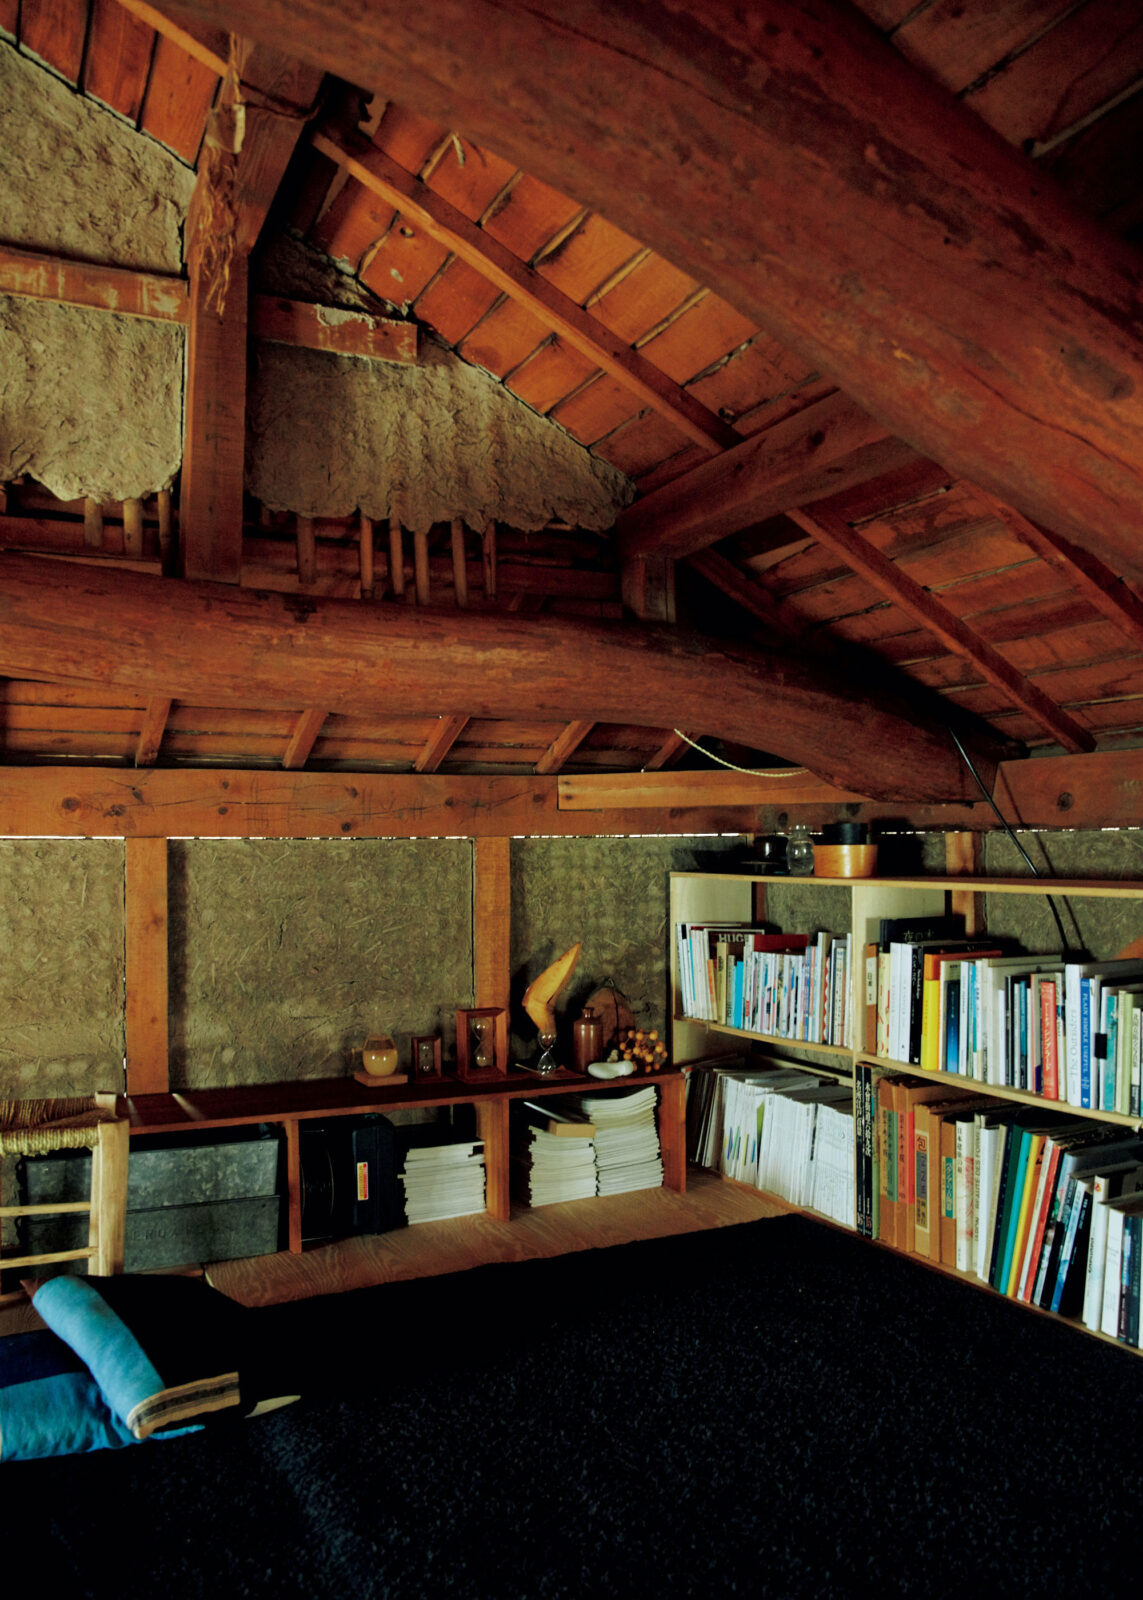 2階の天井裏。梁(はり)や土壁を現しにした、ほの暗い空間は、家族のライブラリースペース。住み始めて約6年。当初、天井裏は手つかずで、改修し切れなかった部分は住みながら少しずつ更新している。